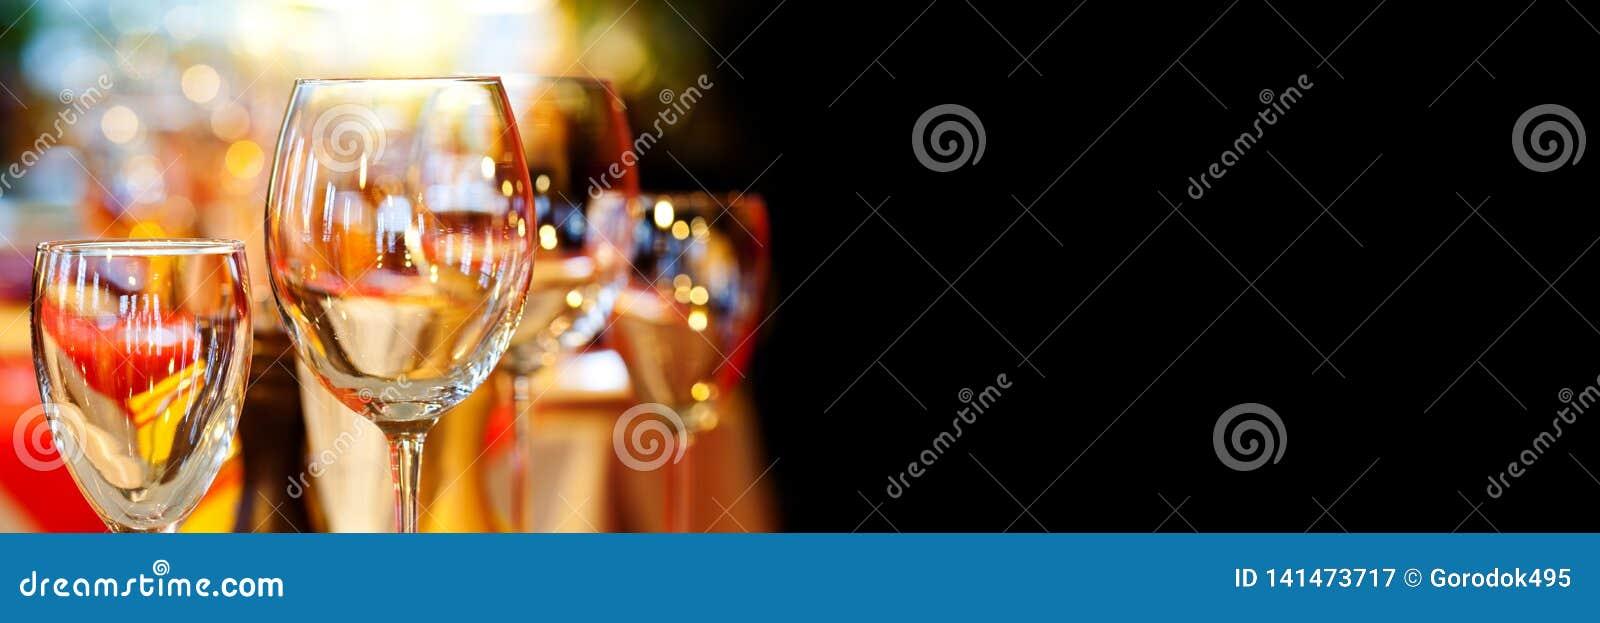 Restaurante romántico de Navidad interior con vajilla hermoso de la loza Fondo cristalino del acontecimiento de los días de fiest